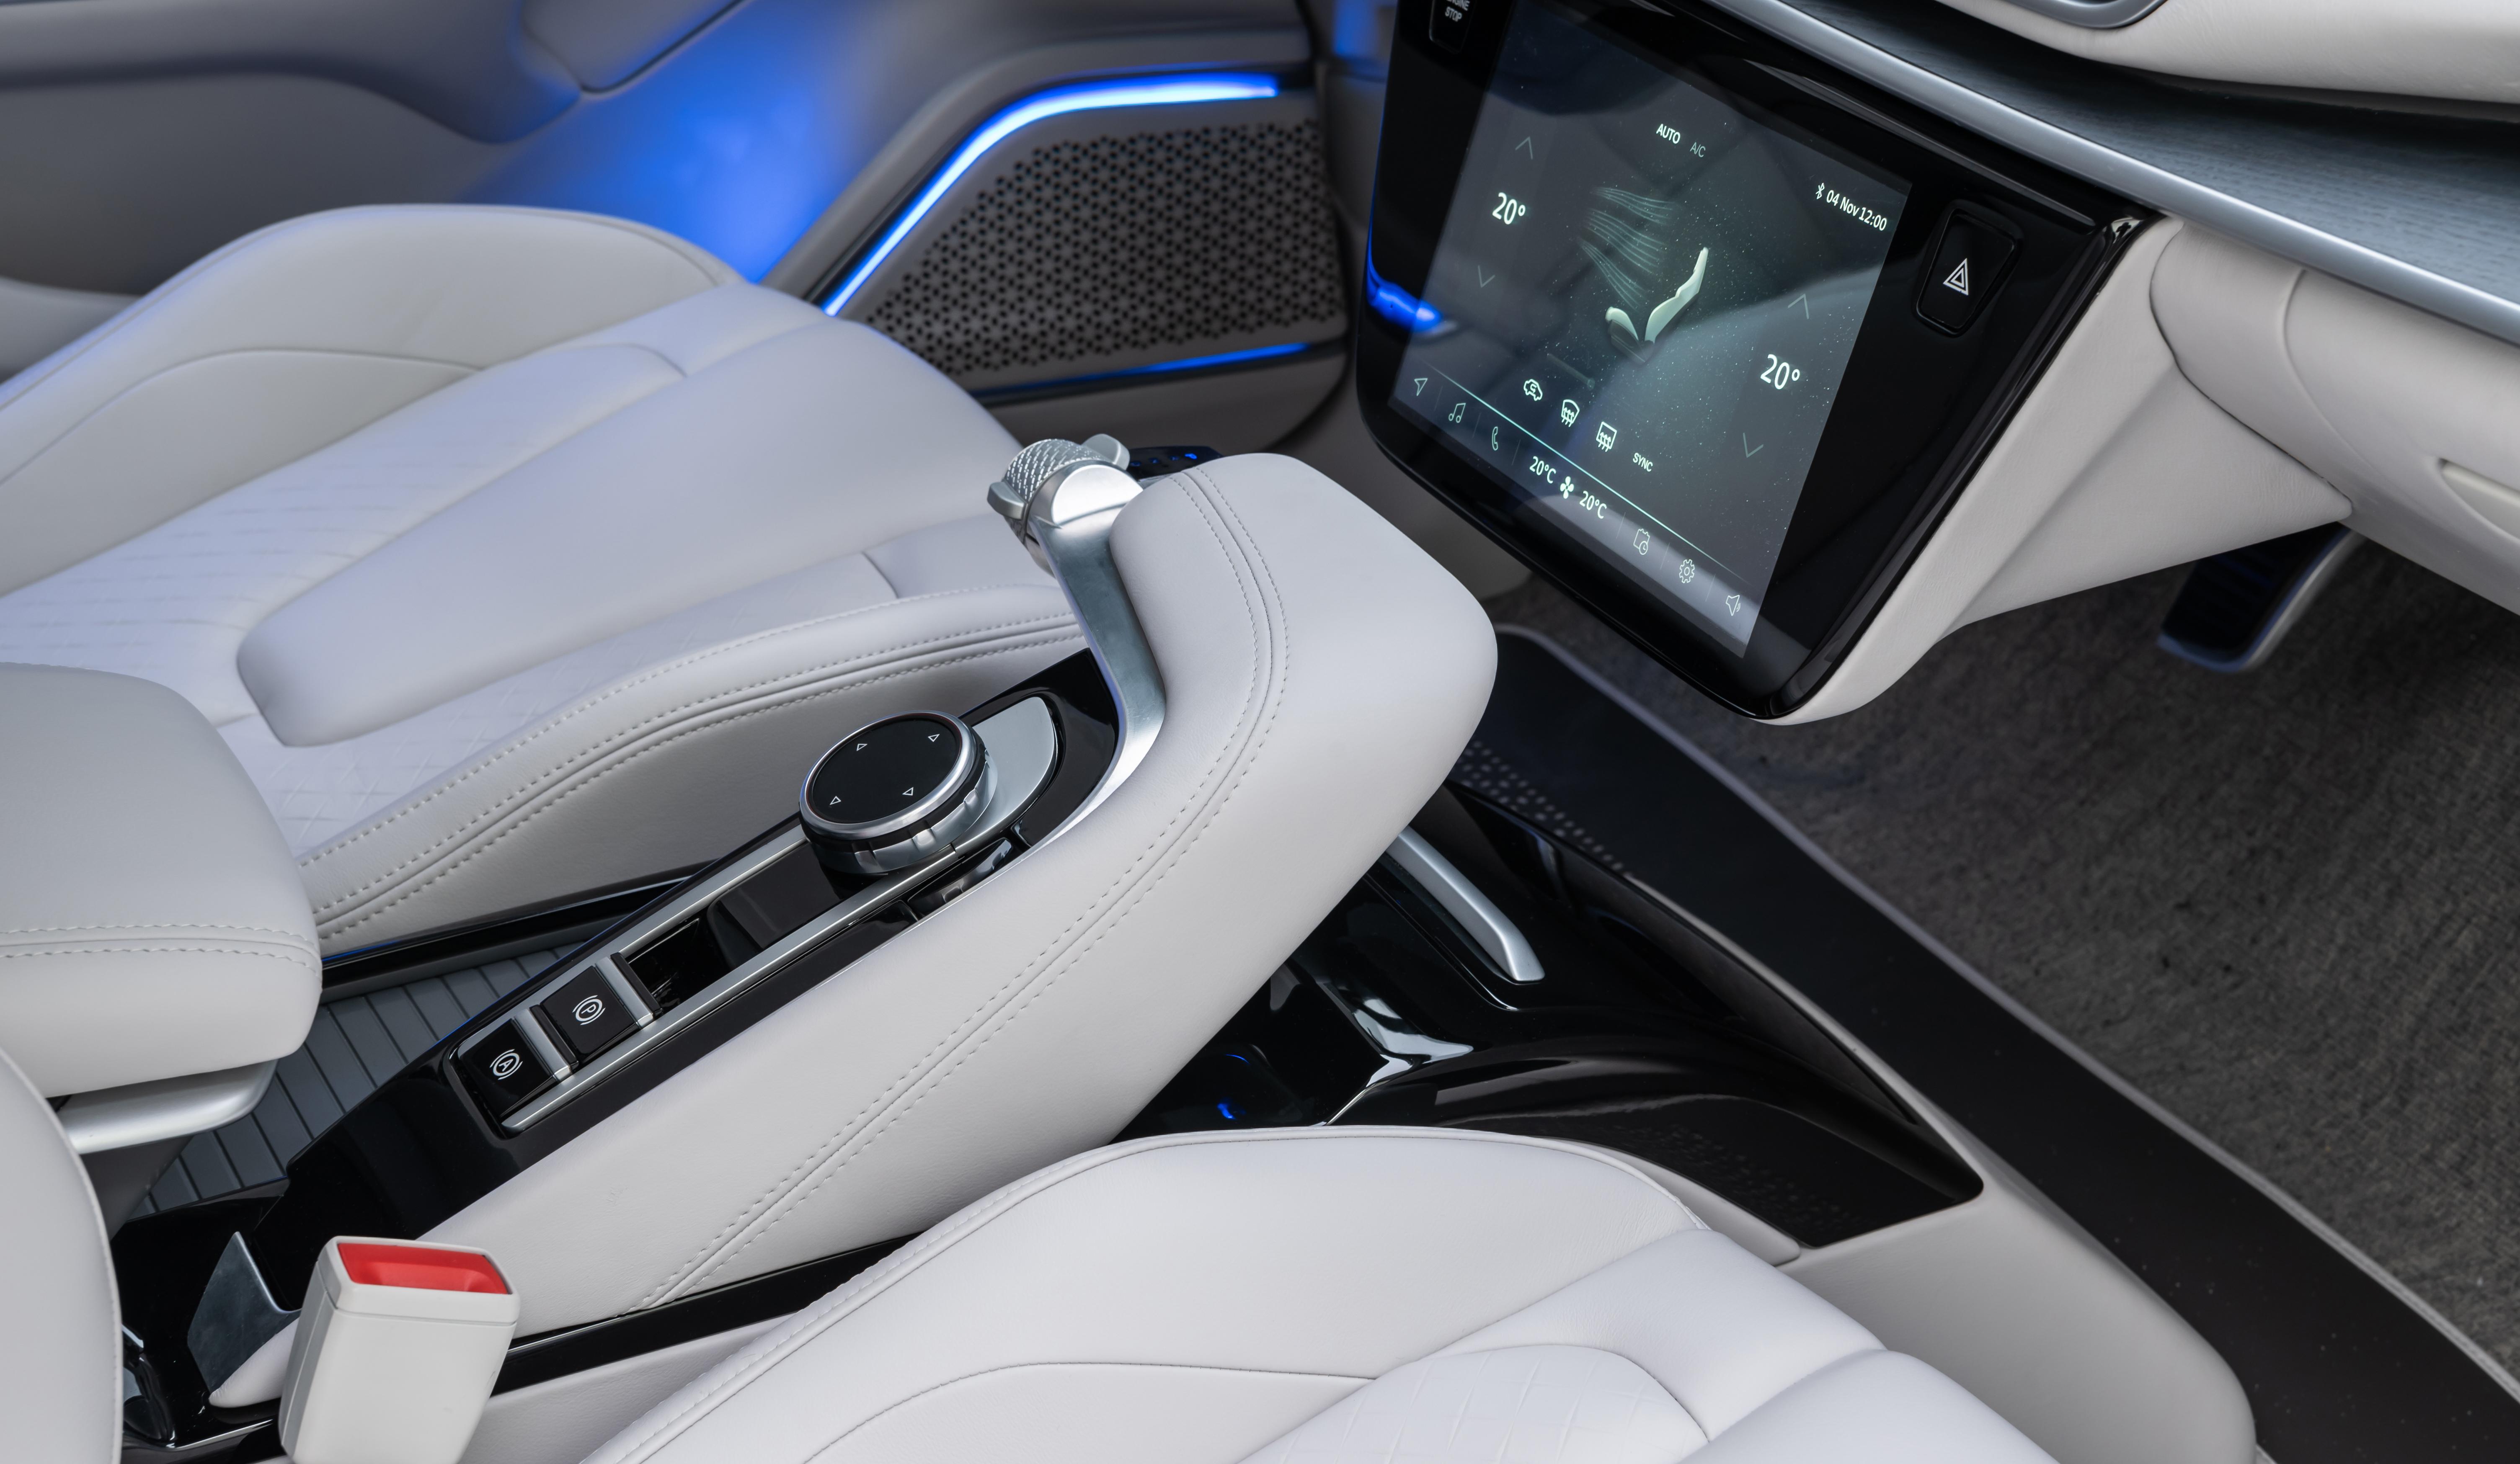 Türkiye'nin yerli otomobili sonunda tanıtıldı: İşte yerli otomobil tasarımı